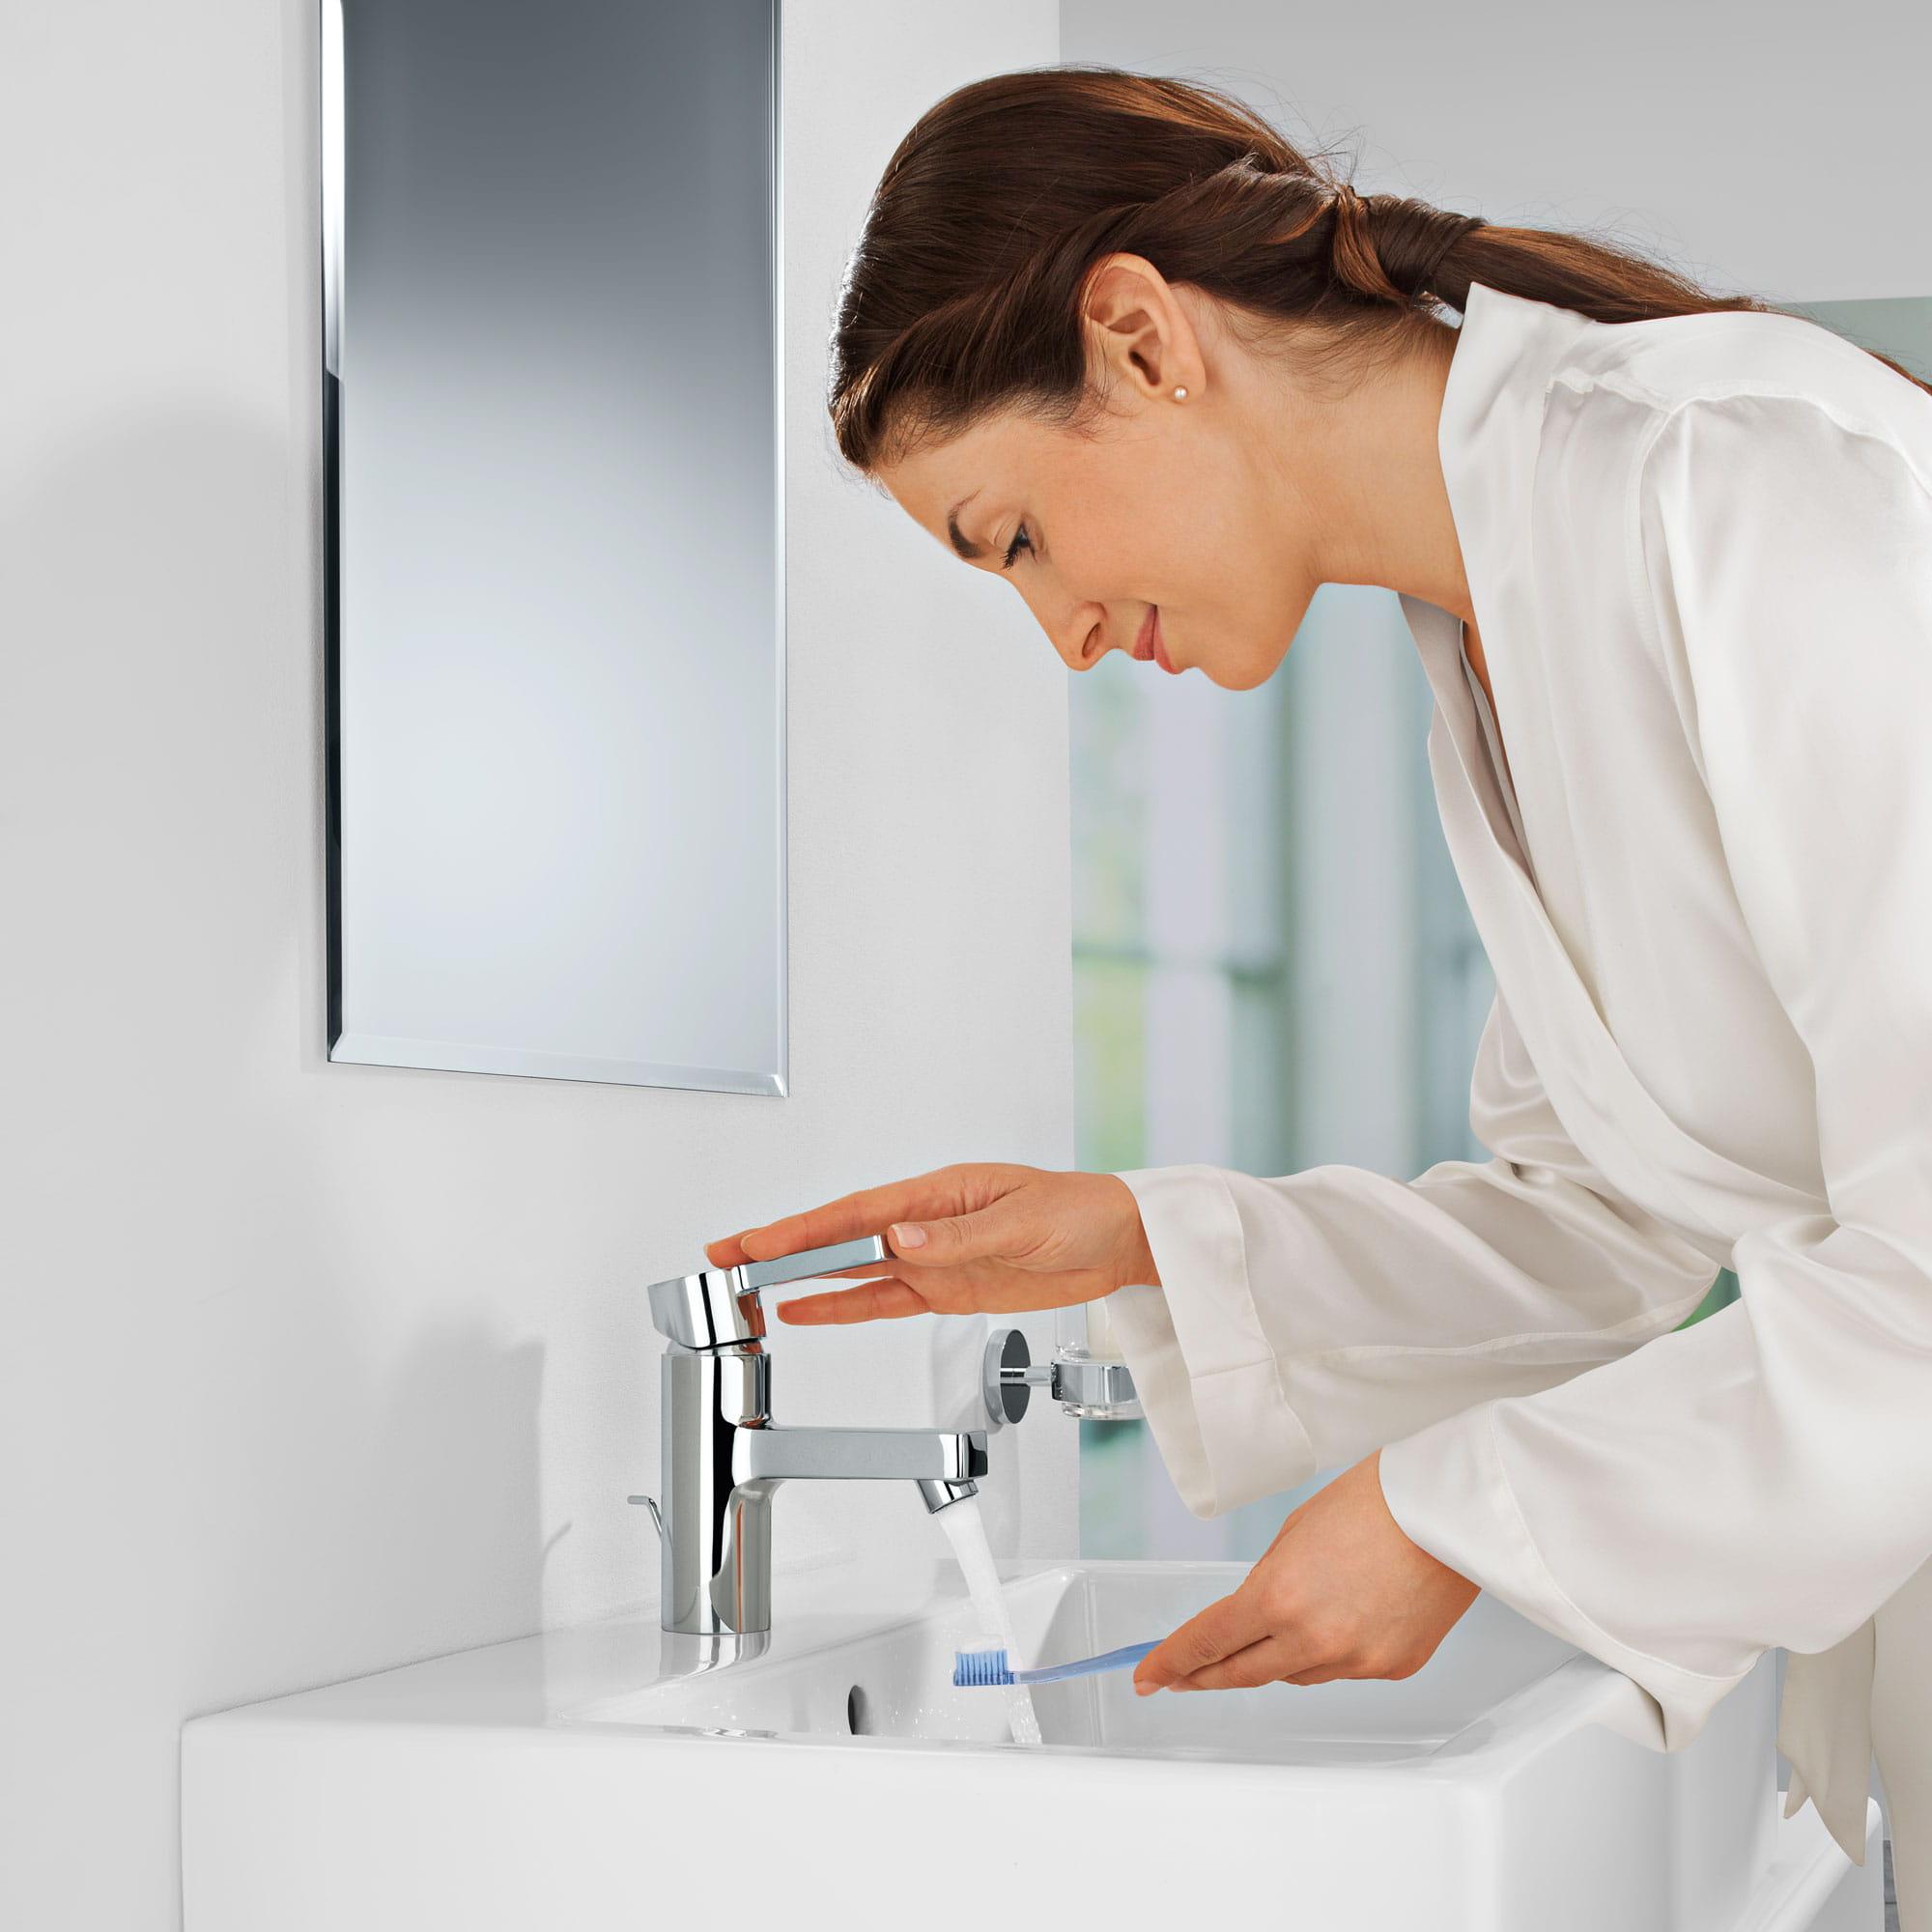 Une femme se lave les mains sous un robinet grohe.